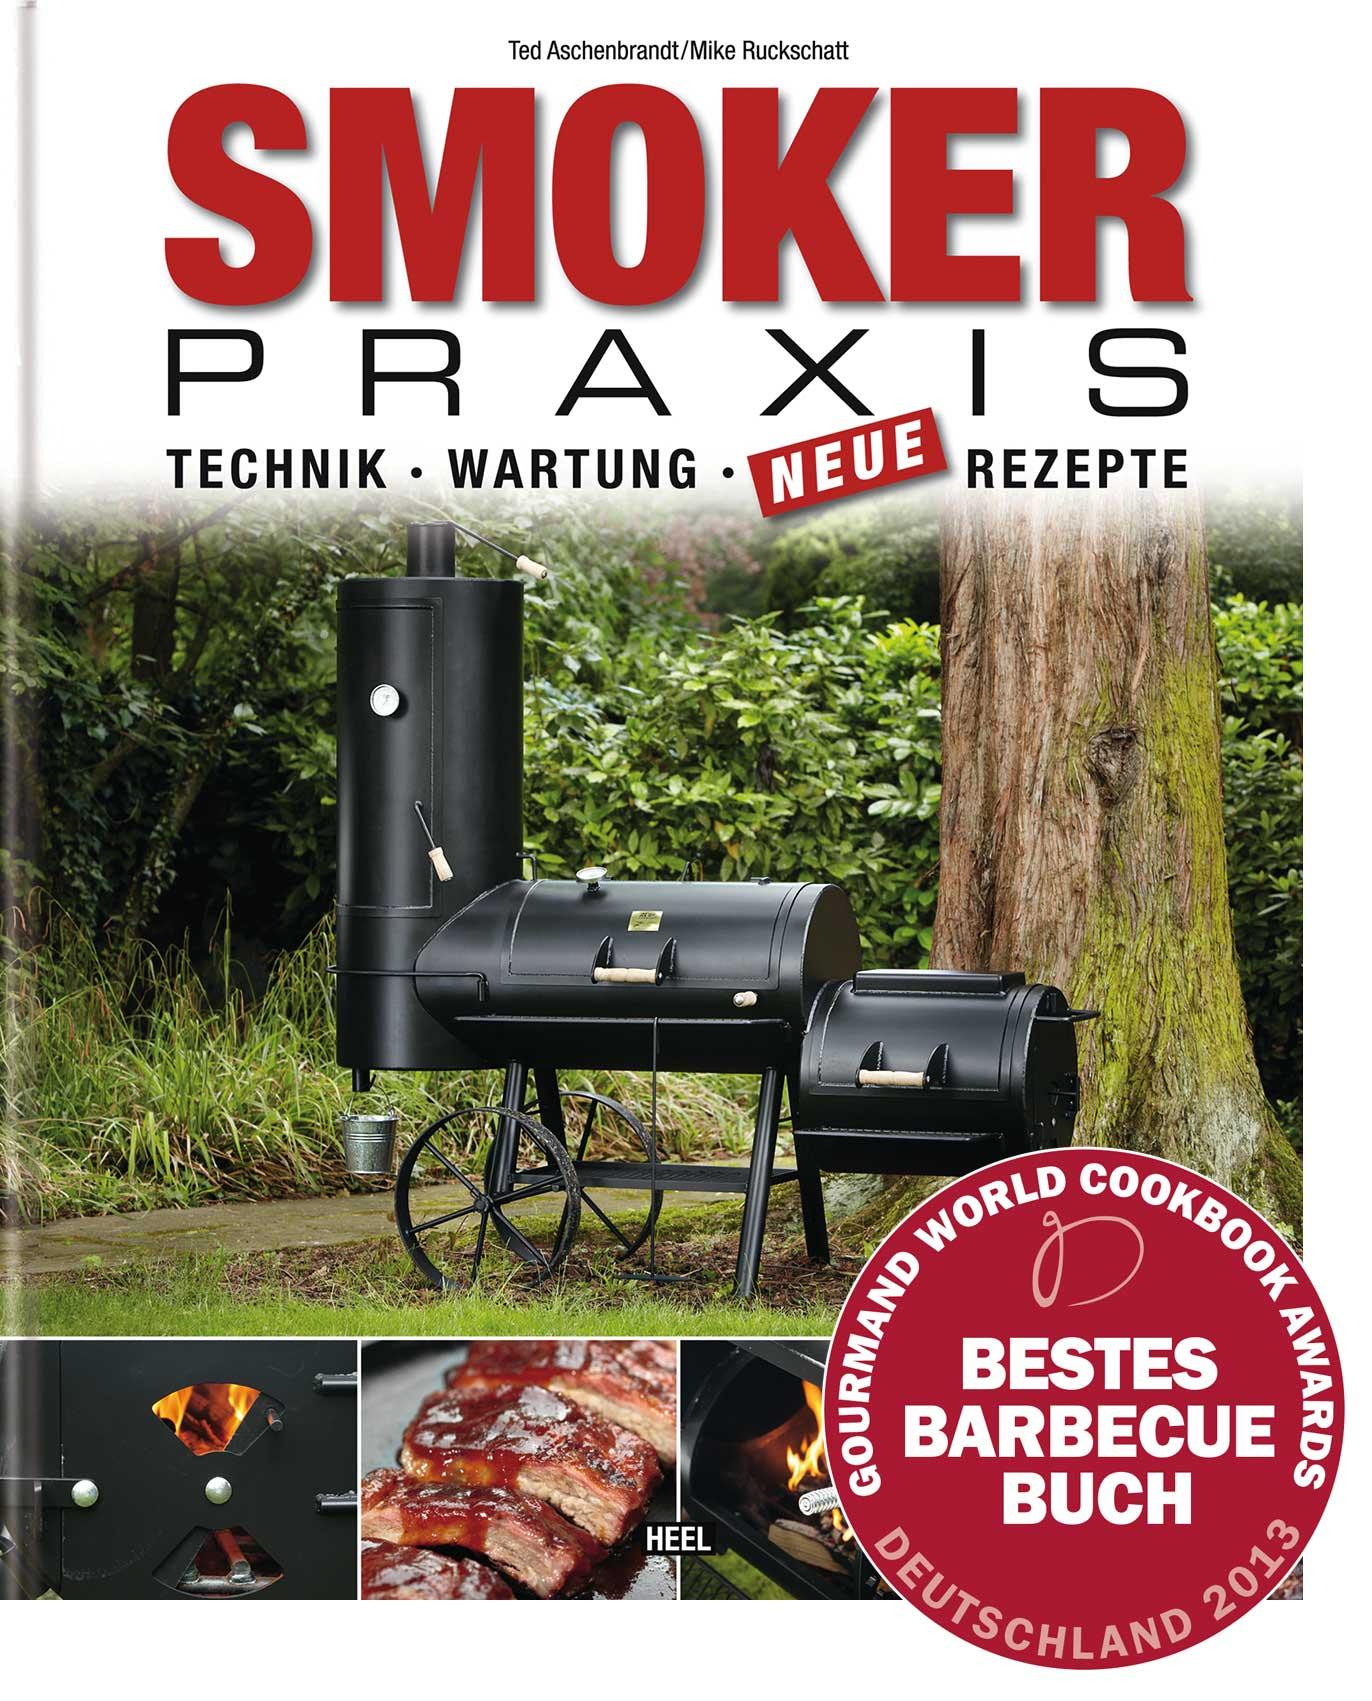 Smoker-Praxis Karsten Ted Aschenbrandt